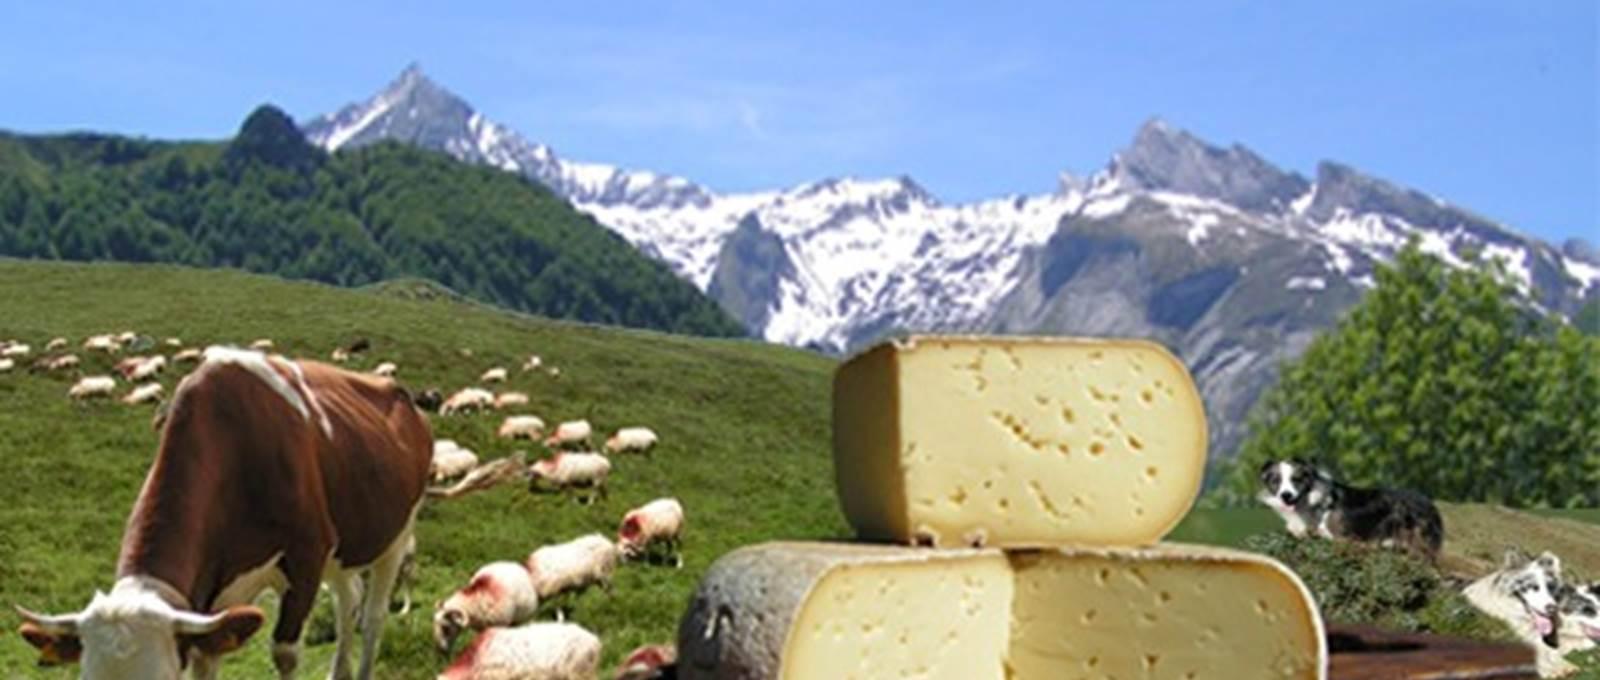 ferme de Pépé Marcel (Catherine MONTAUBAN )